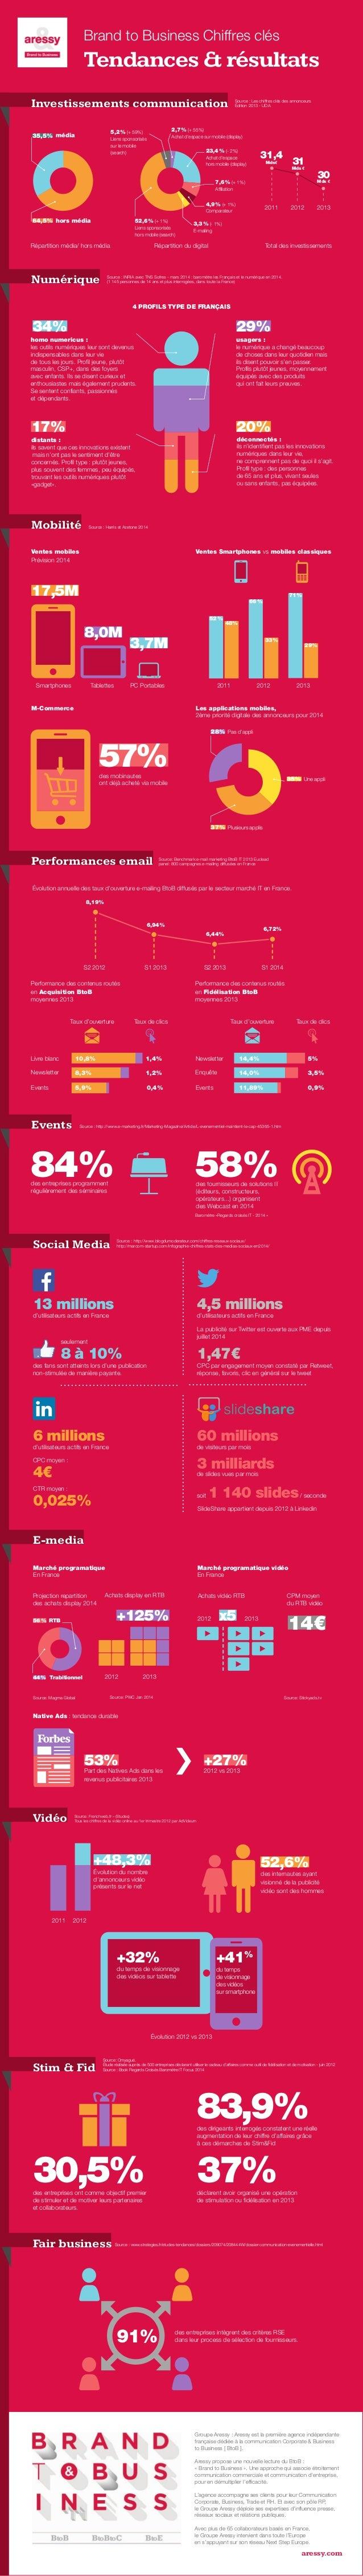 Infographie marketing communication btob tendances chiffres clés 2014 2015 aressy